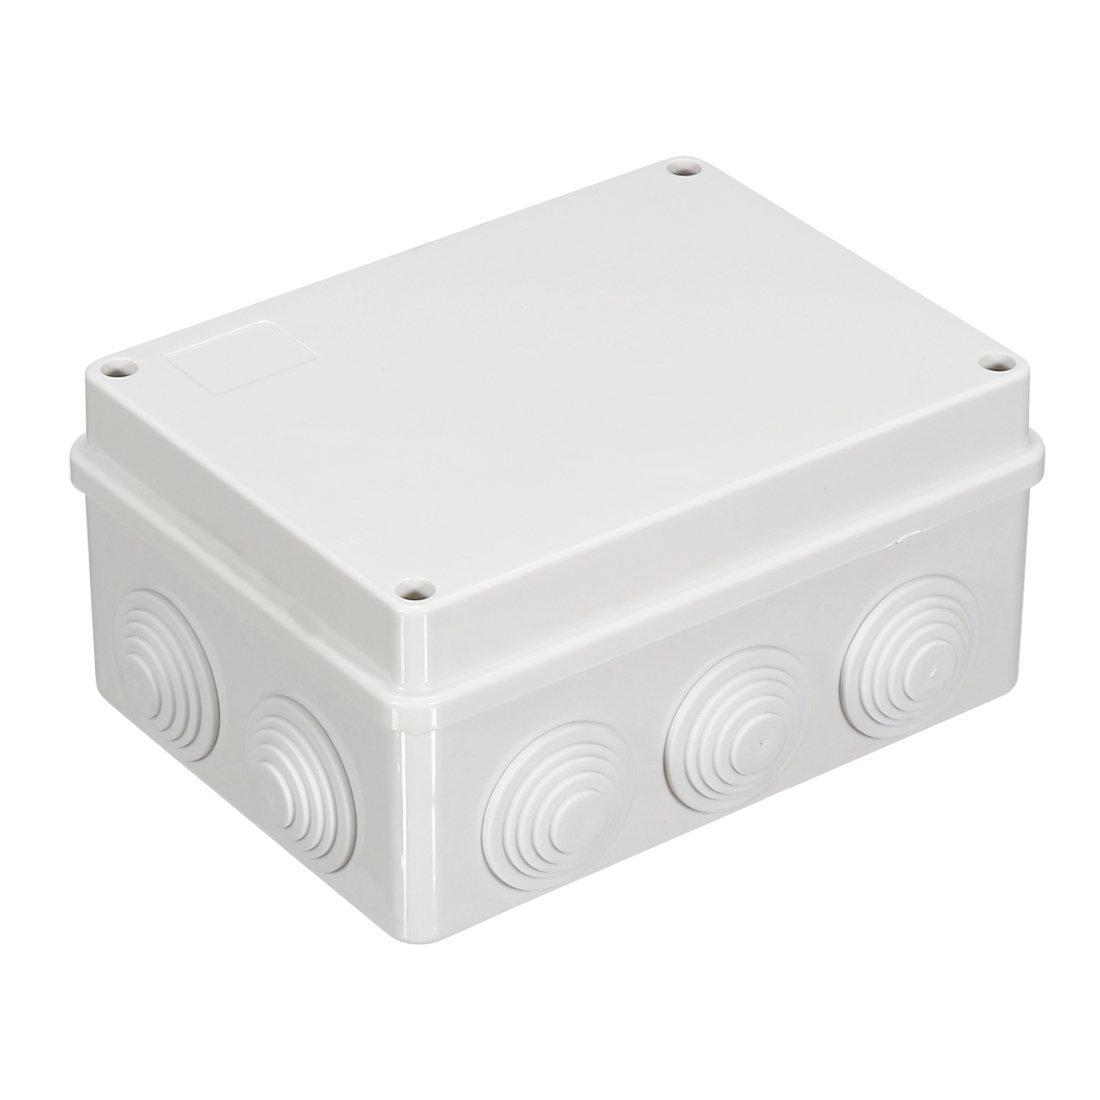 white abs ip65 waterproof electrical junction box case 200x200x80mmwhite abs ip65 waterproof electrical junction box case 200x200x80mm amazon com